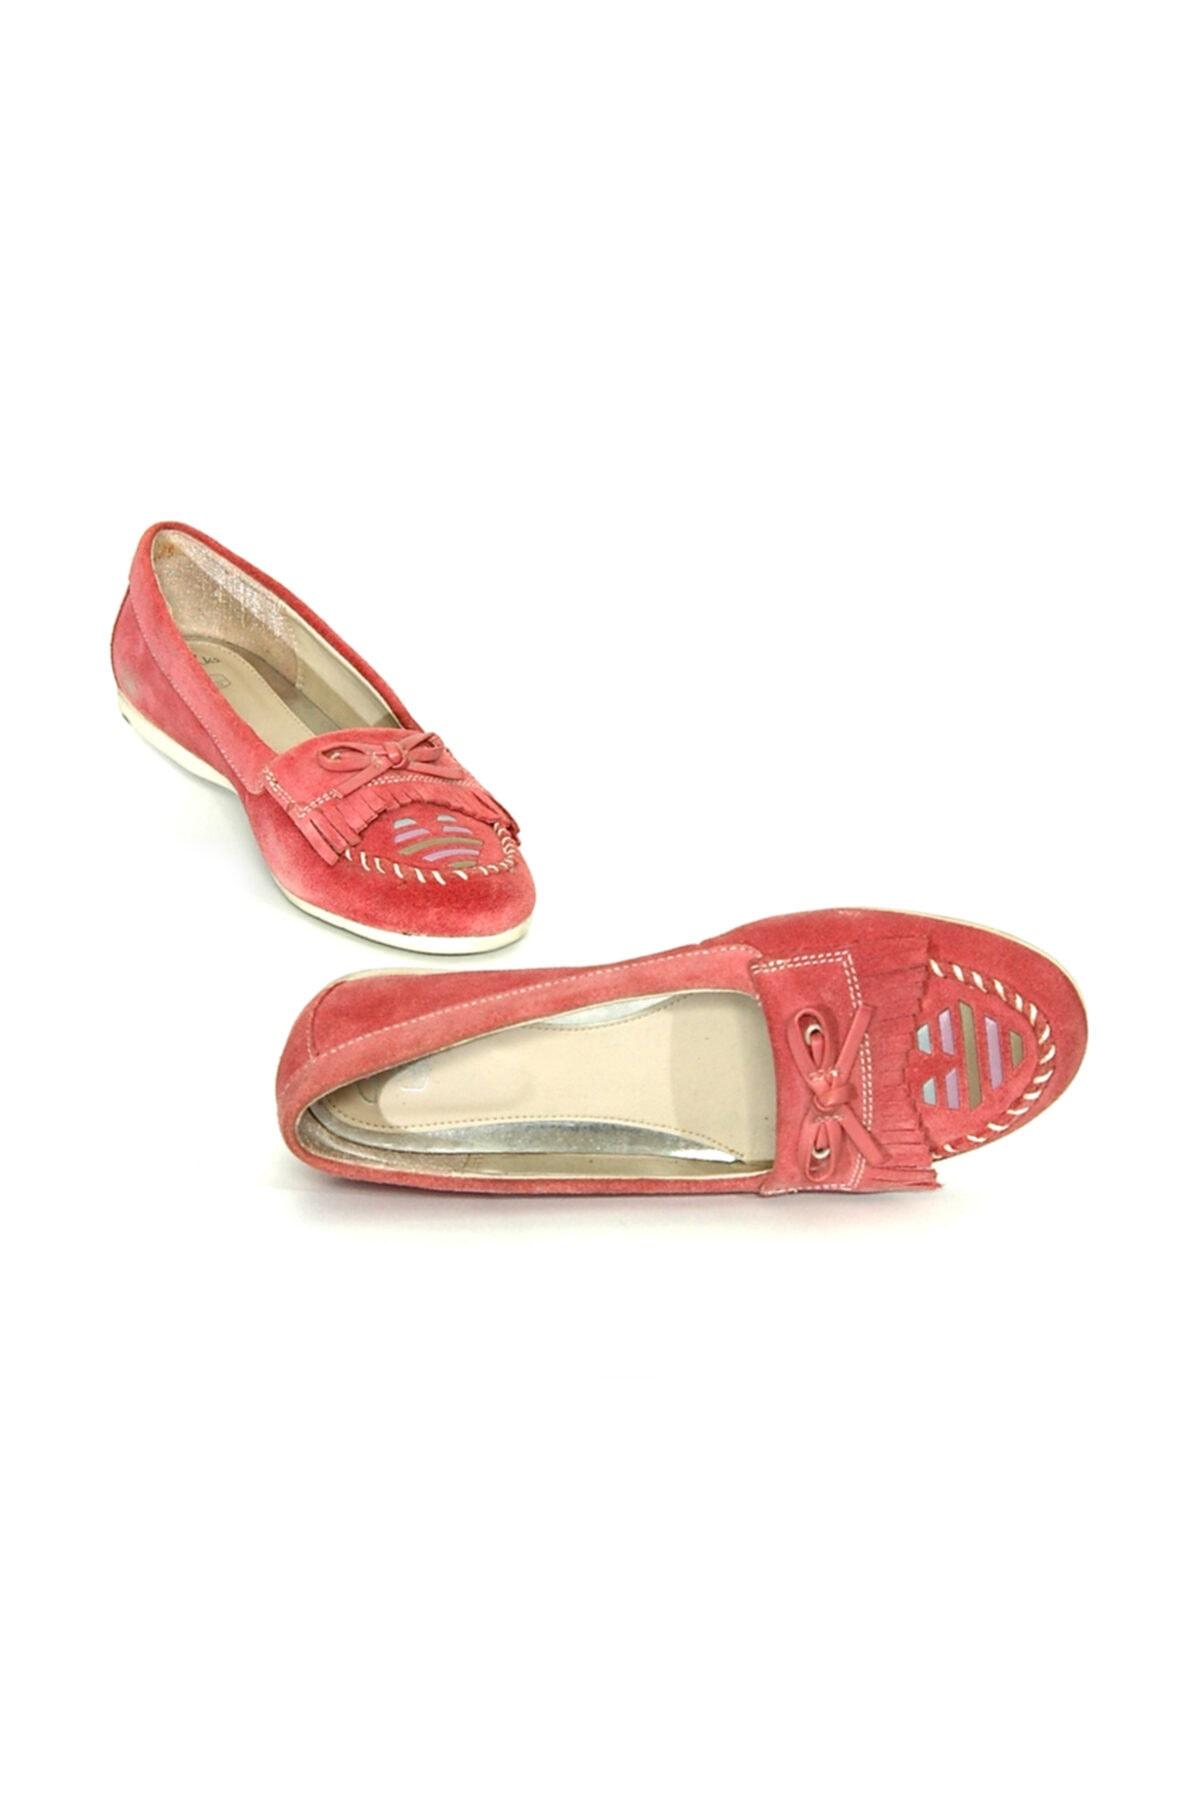 CLARKS Kız 7 Yaş Üstü Babet Ayakkabı Şık Ve Rahat Pink Patent 1